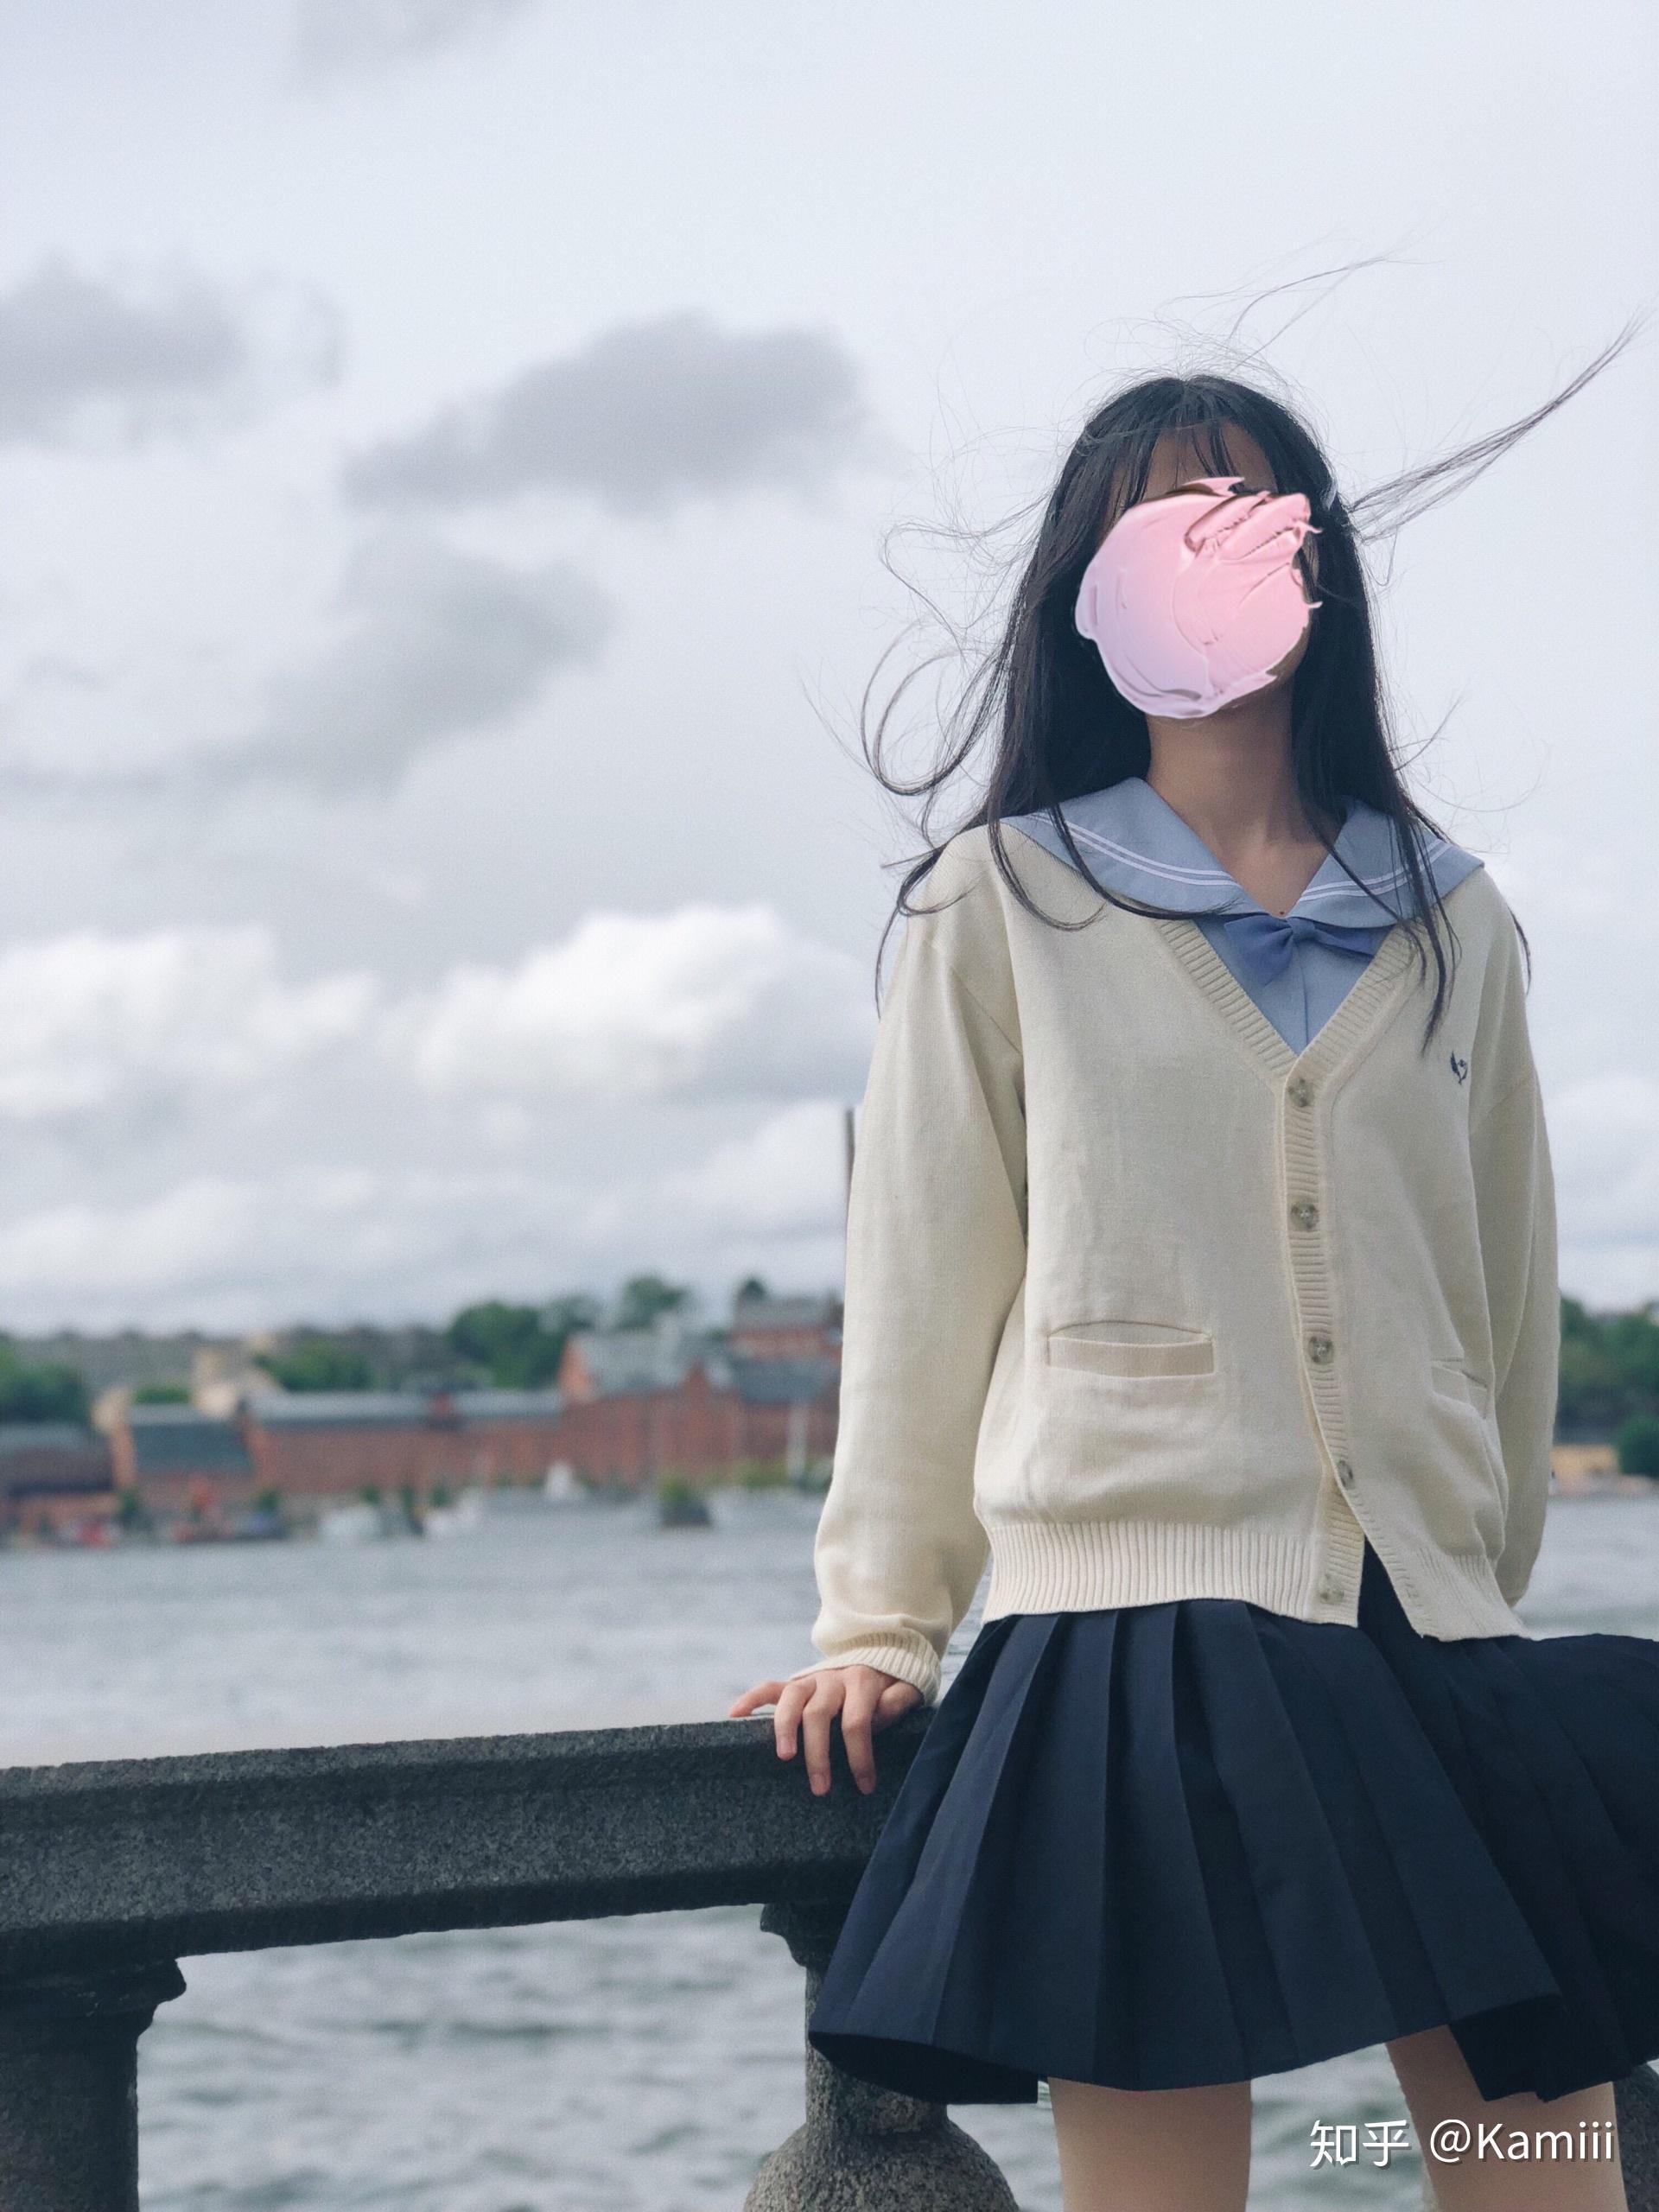 jk配白色袜子_能否分享你在夏天的jk制服搭配? - 知乎